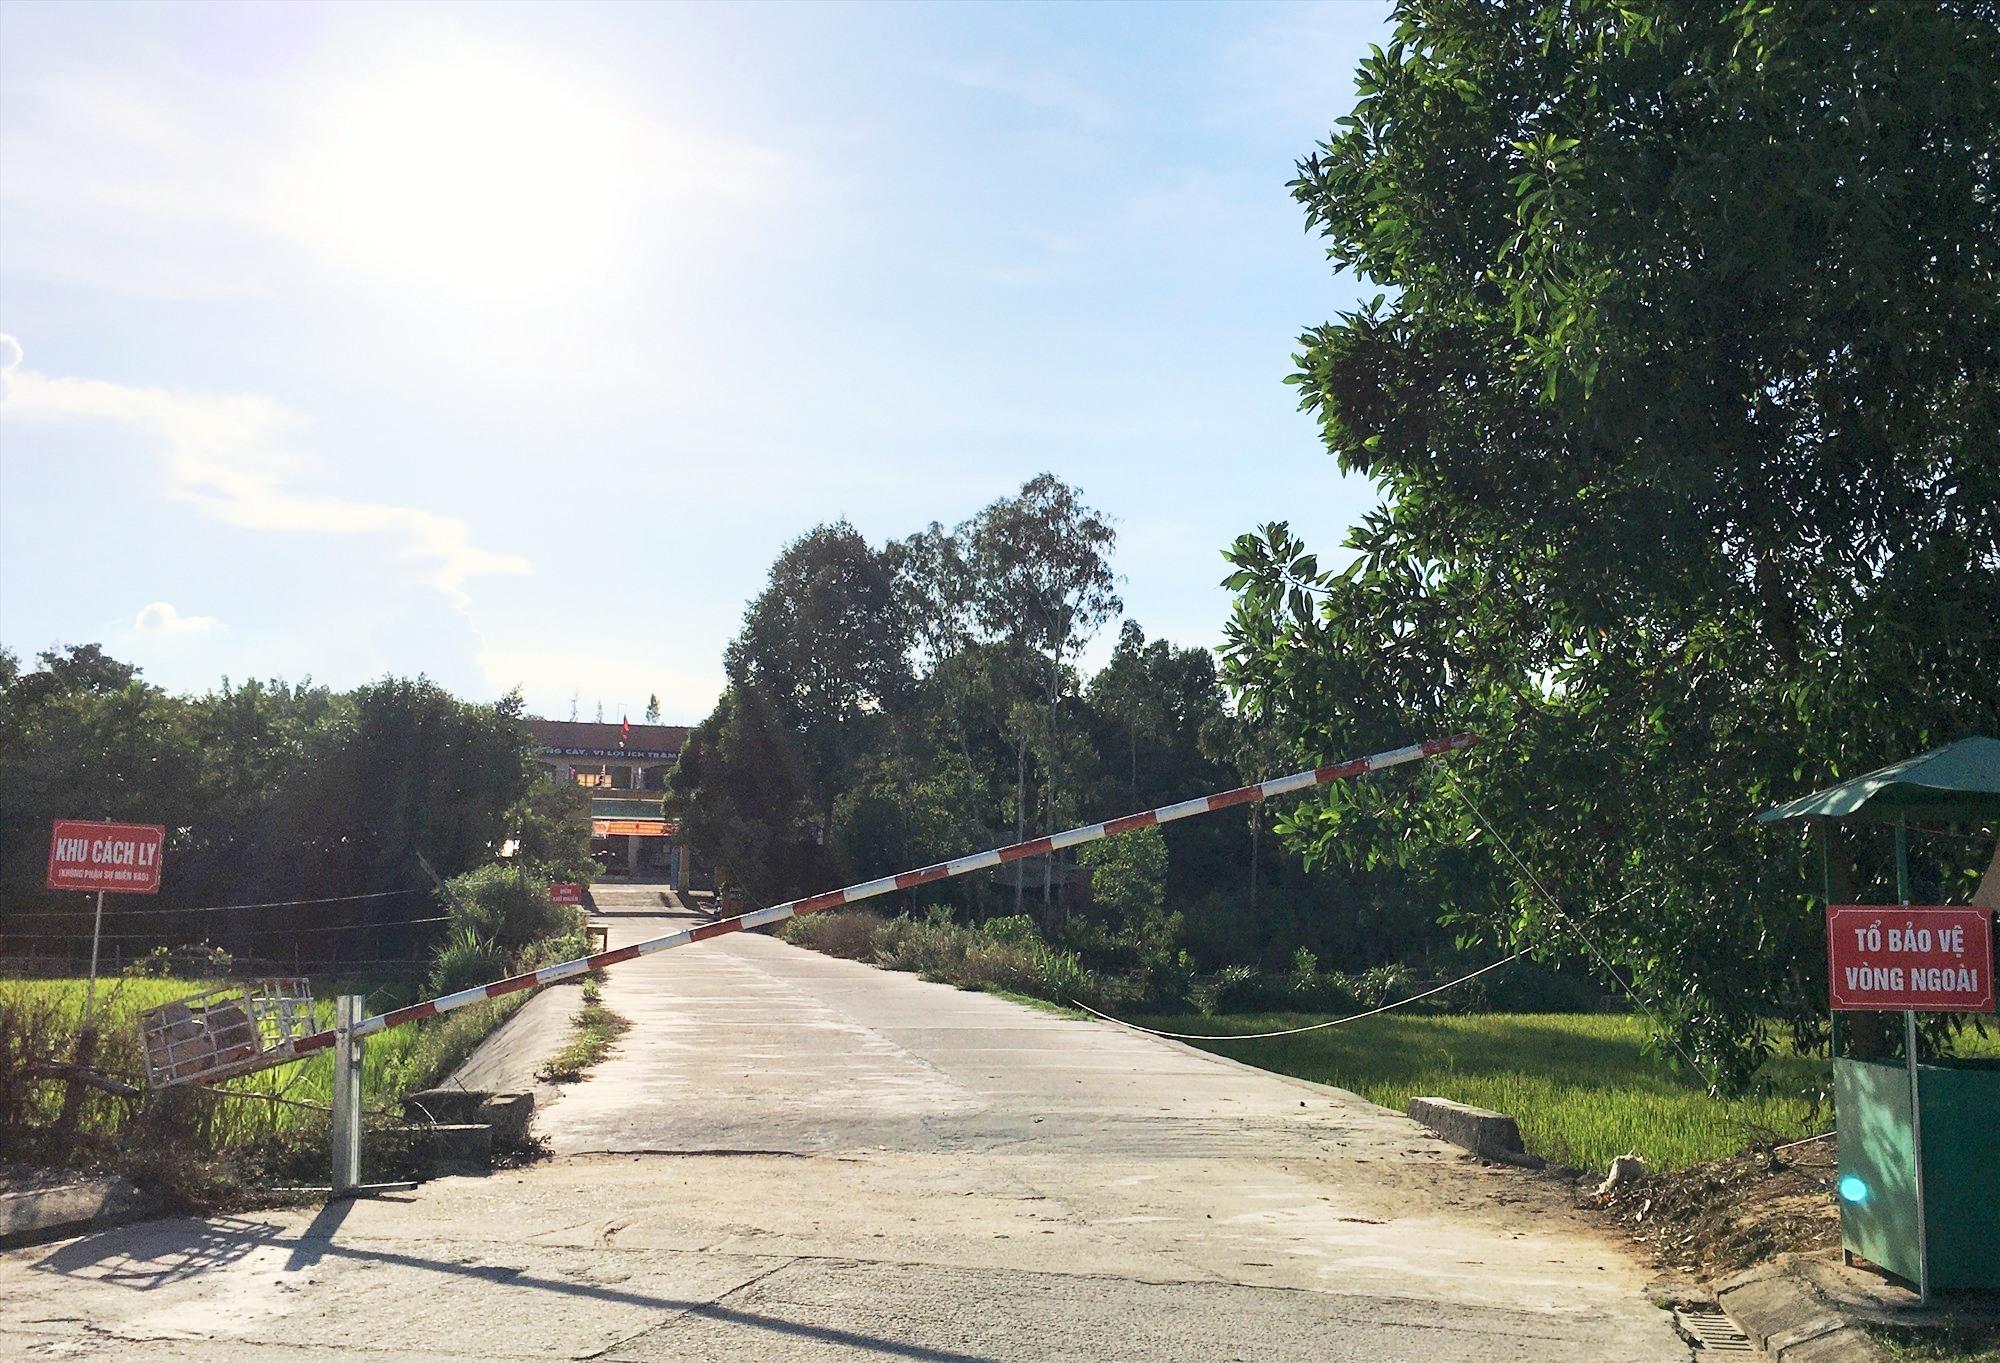 Khu cách ly tại Trường Tiểu học Nguyễn Duy Hiệu (thị trấn Phú Thịnh) đang cách ly tập trung 111 người. Ảnh: VINH ANH